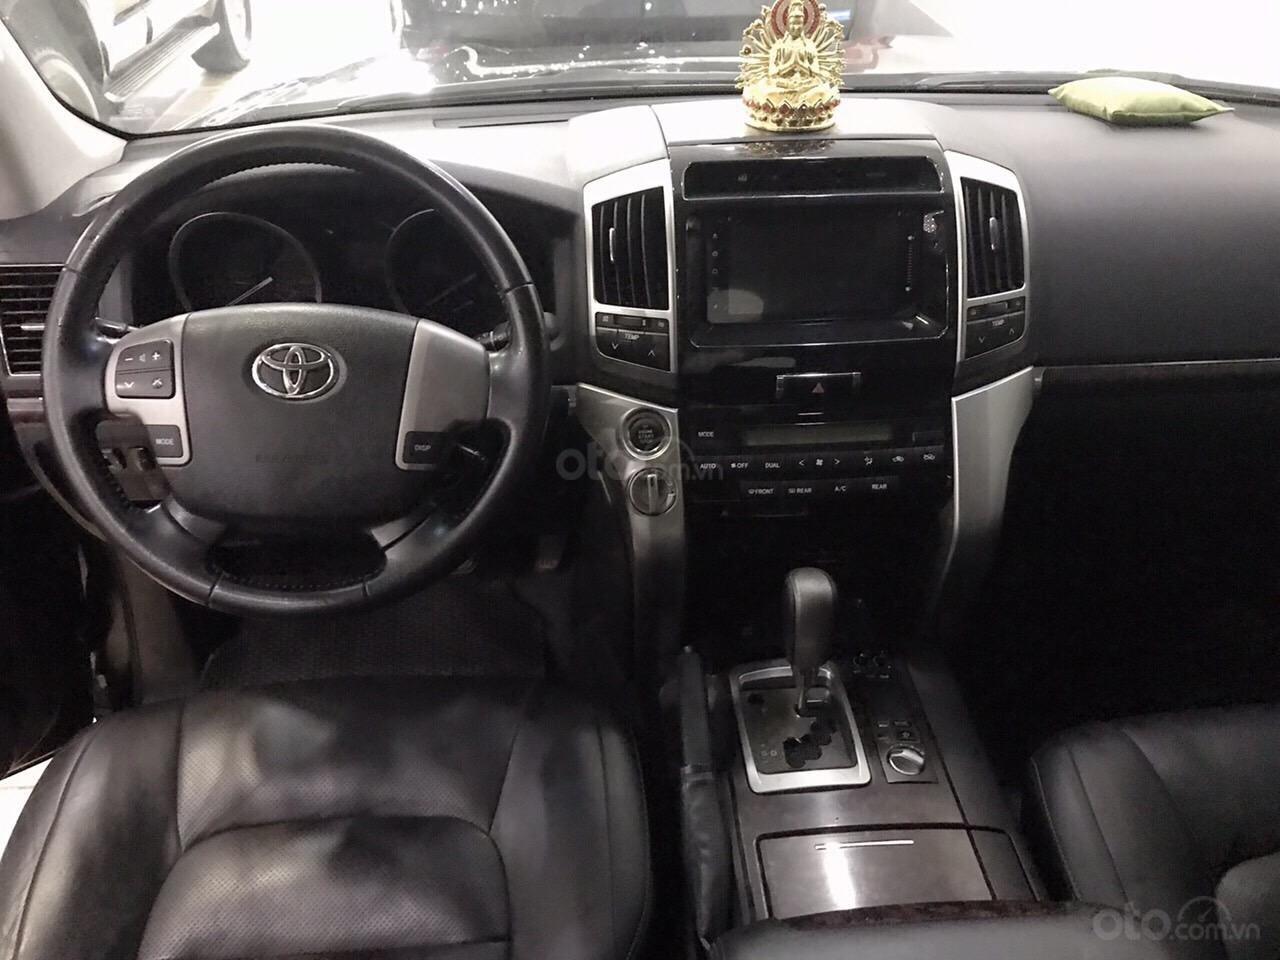 Bán ô tô Toyota Land Cruiser VX năm 2013, màu đen, nhập khẩu nguyên chiếc (6)